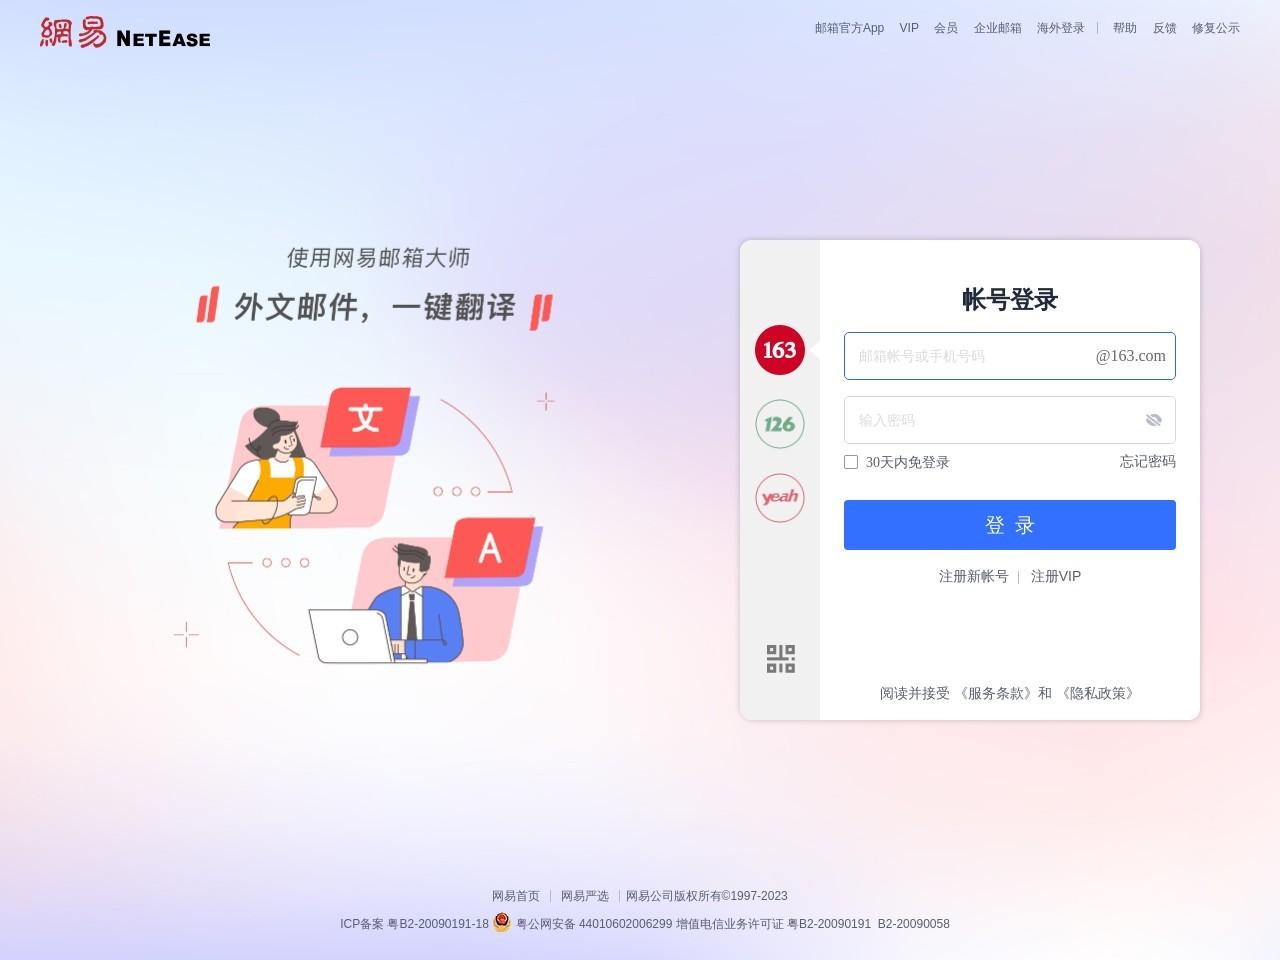 网易免费邮箱 - 中国第一大电子邮件服务商